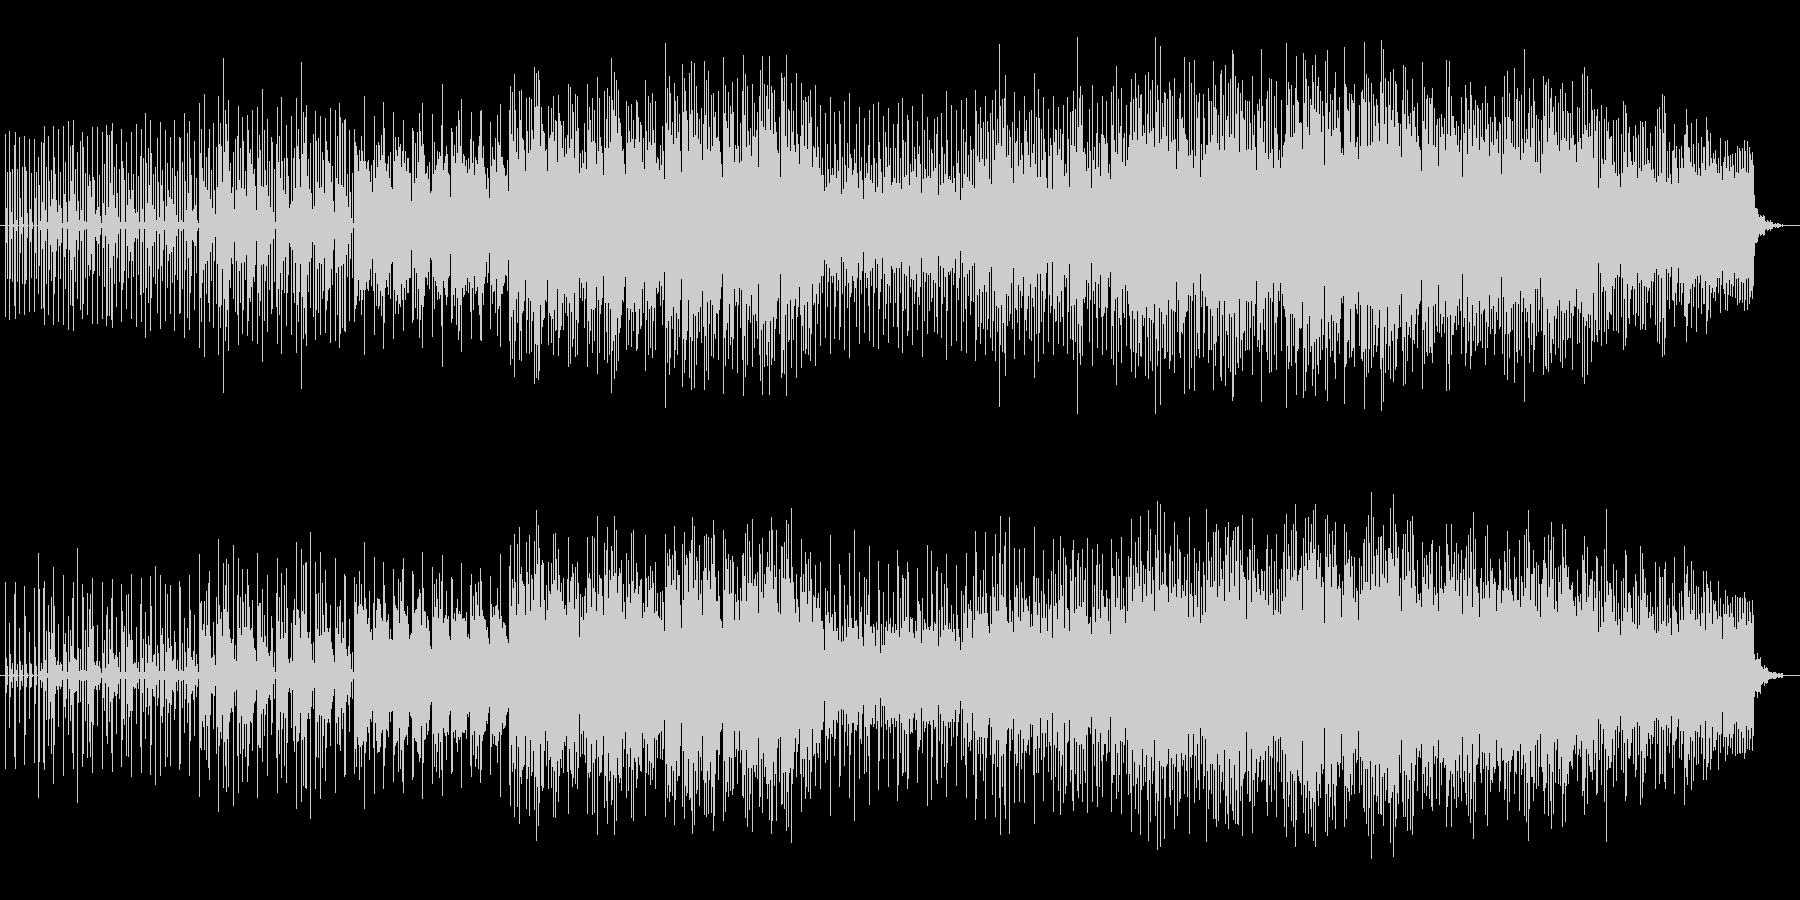 ユニークで可愛らしいミュージックの未再生の波形